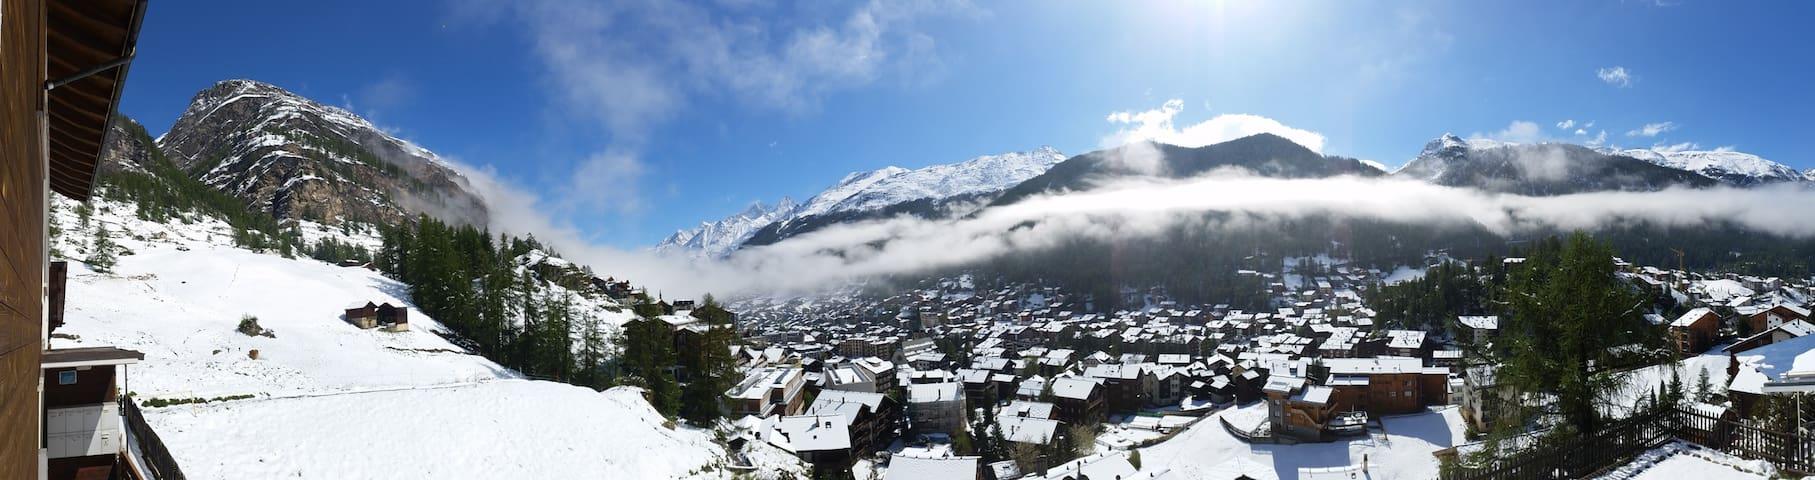 Gemütliche Ferienwohnung mit Aussicht auf Zermatt - Zermatt